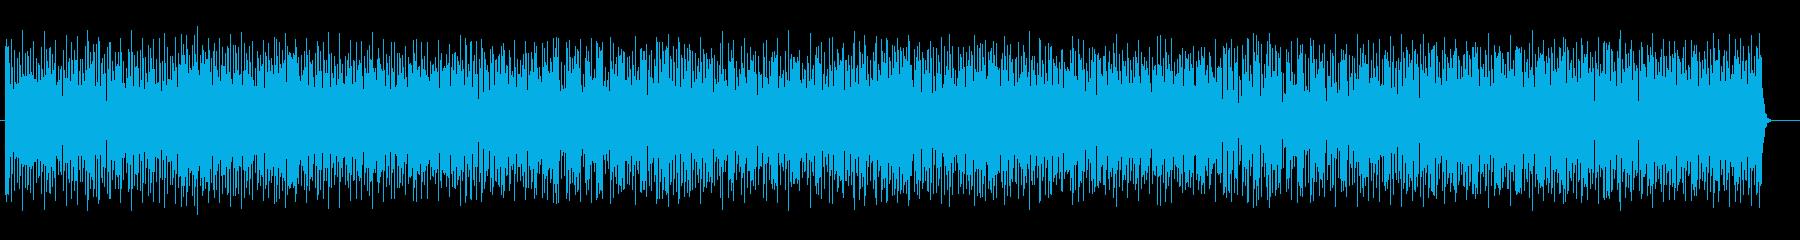 可愛いリズムを刻むジャジーなポップロックの再生済みの波形